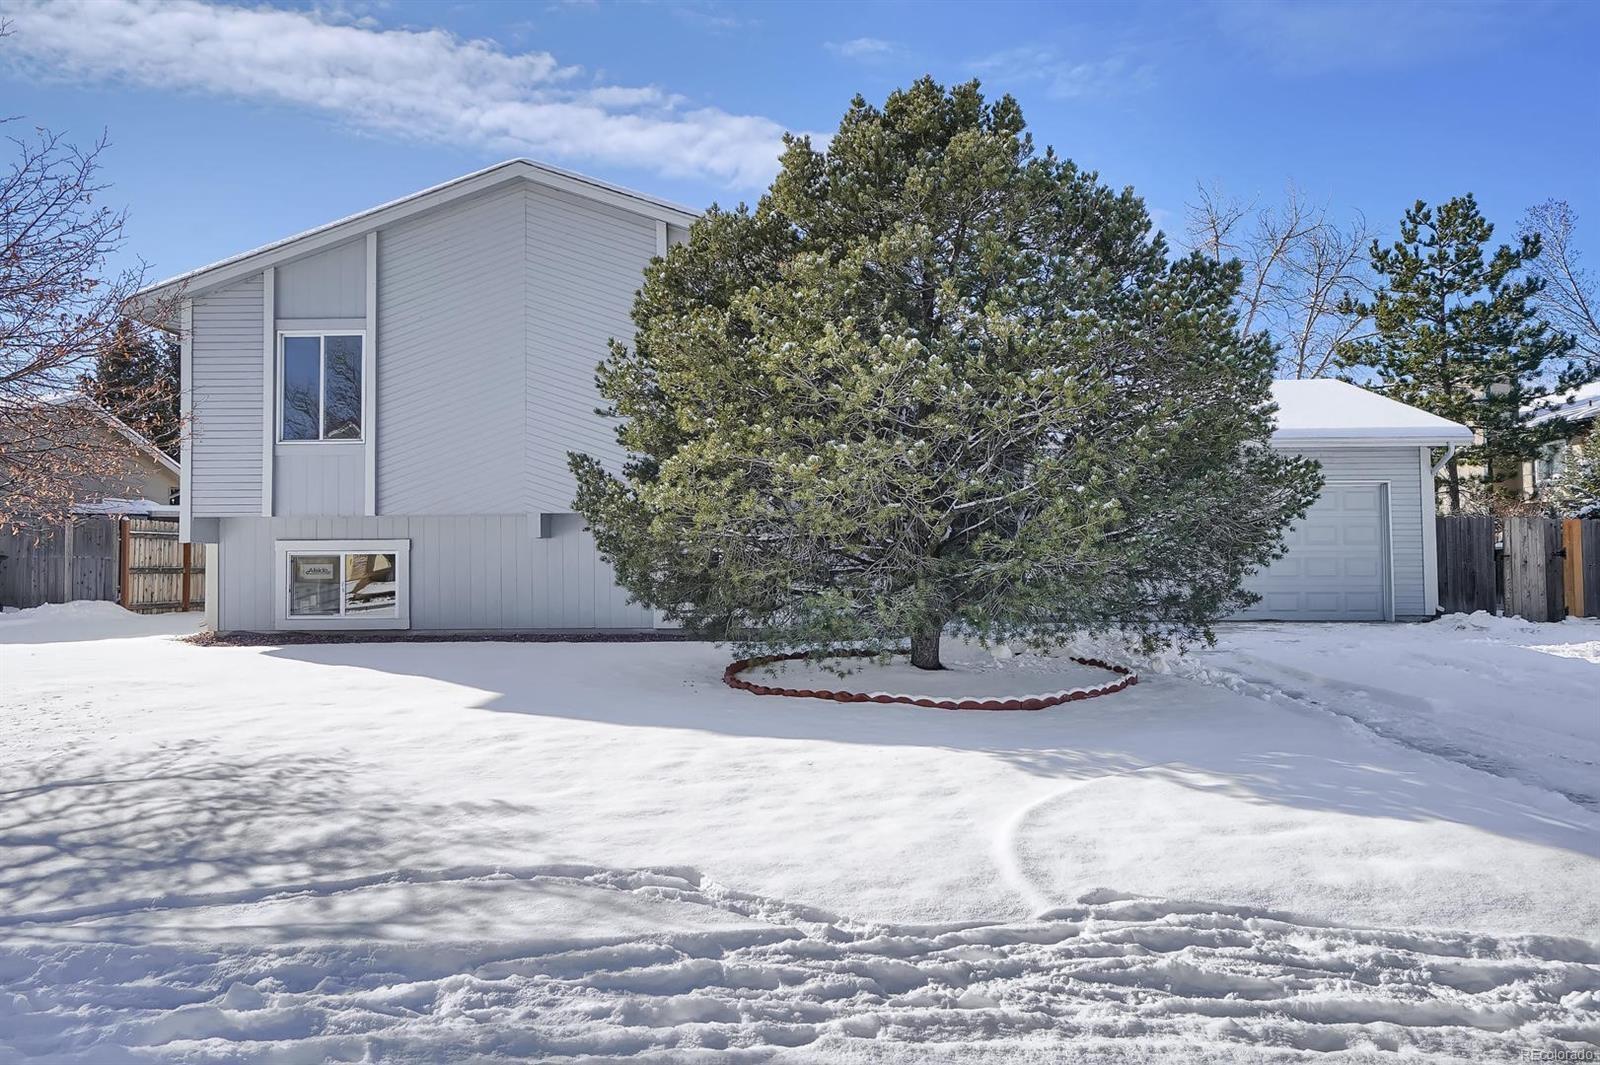 MLS# 3953190 - 4 - 2355 Parliament Drive, Colorado Springs, CO 80920